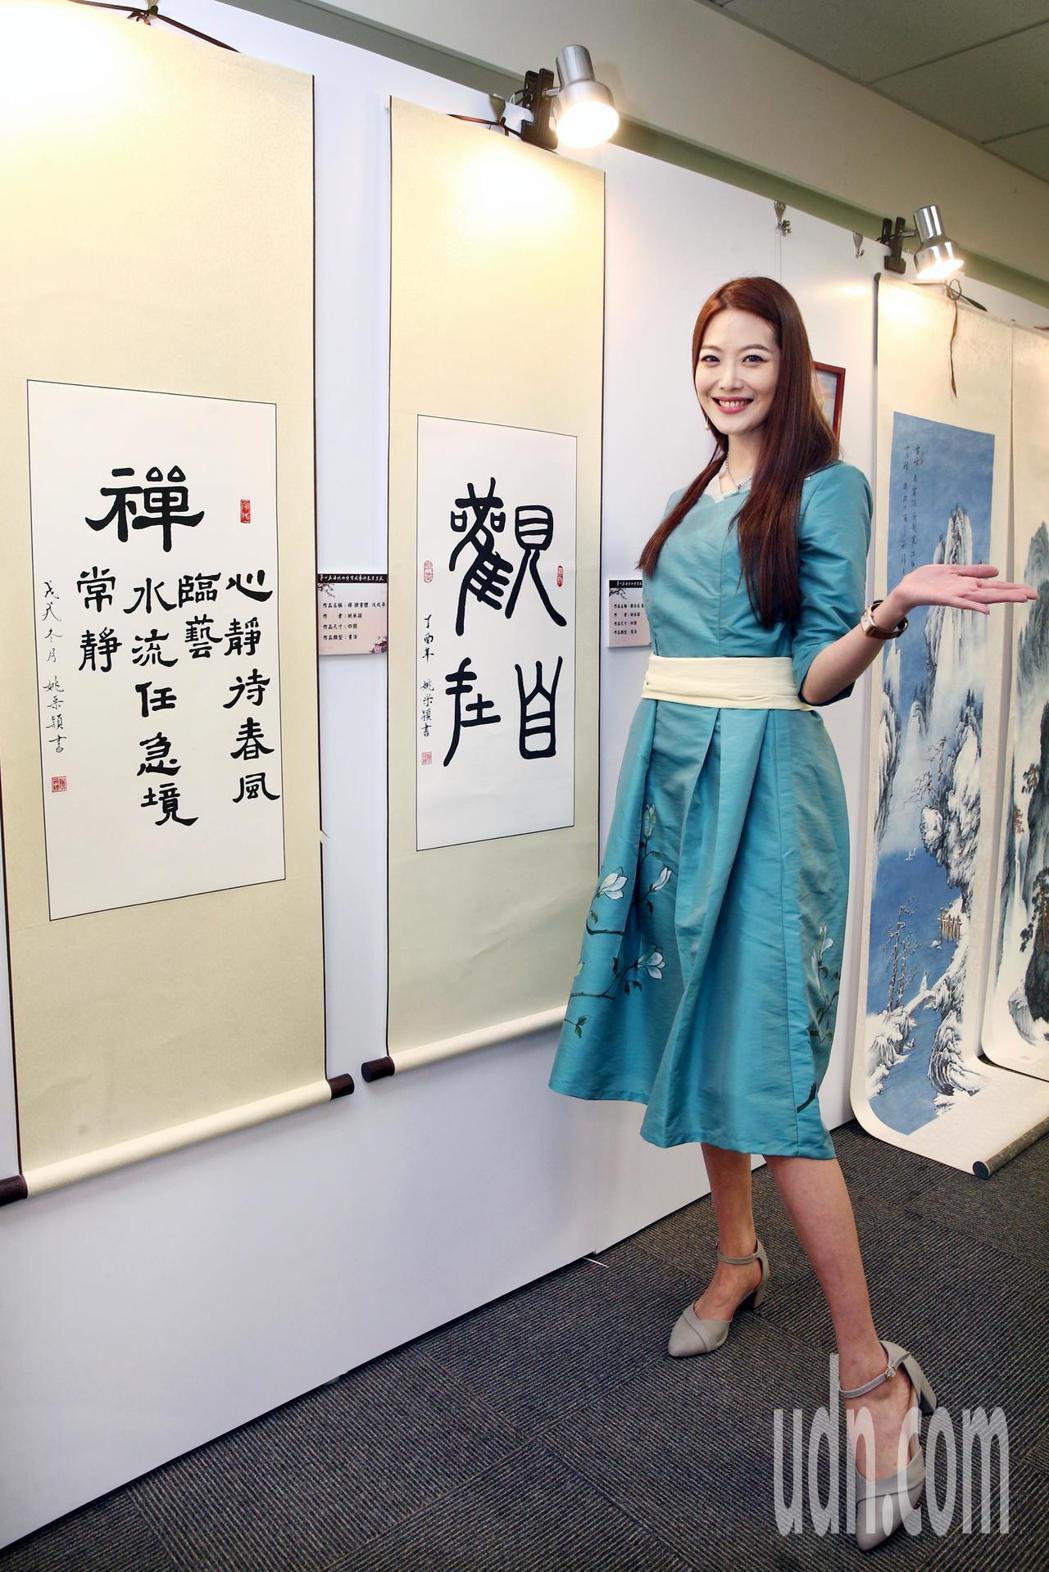 姚采穎與她的作品參與第七屆海峽兩岸電視藝術節展出。記者蘇健忠/攝影